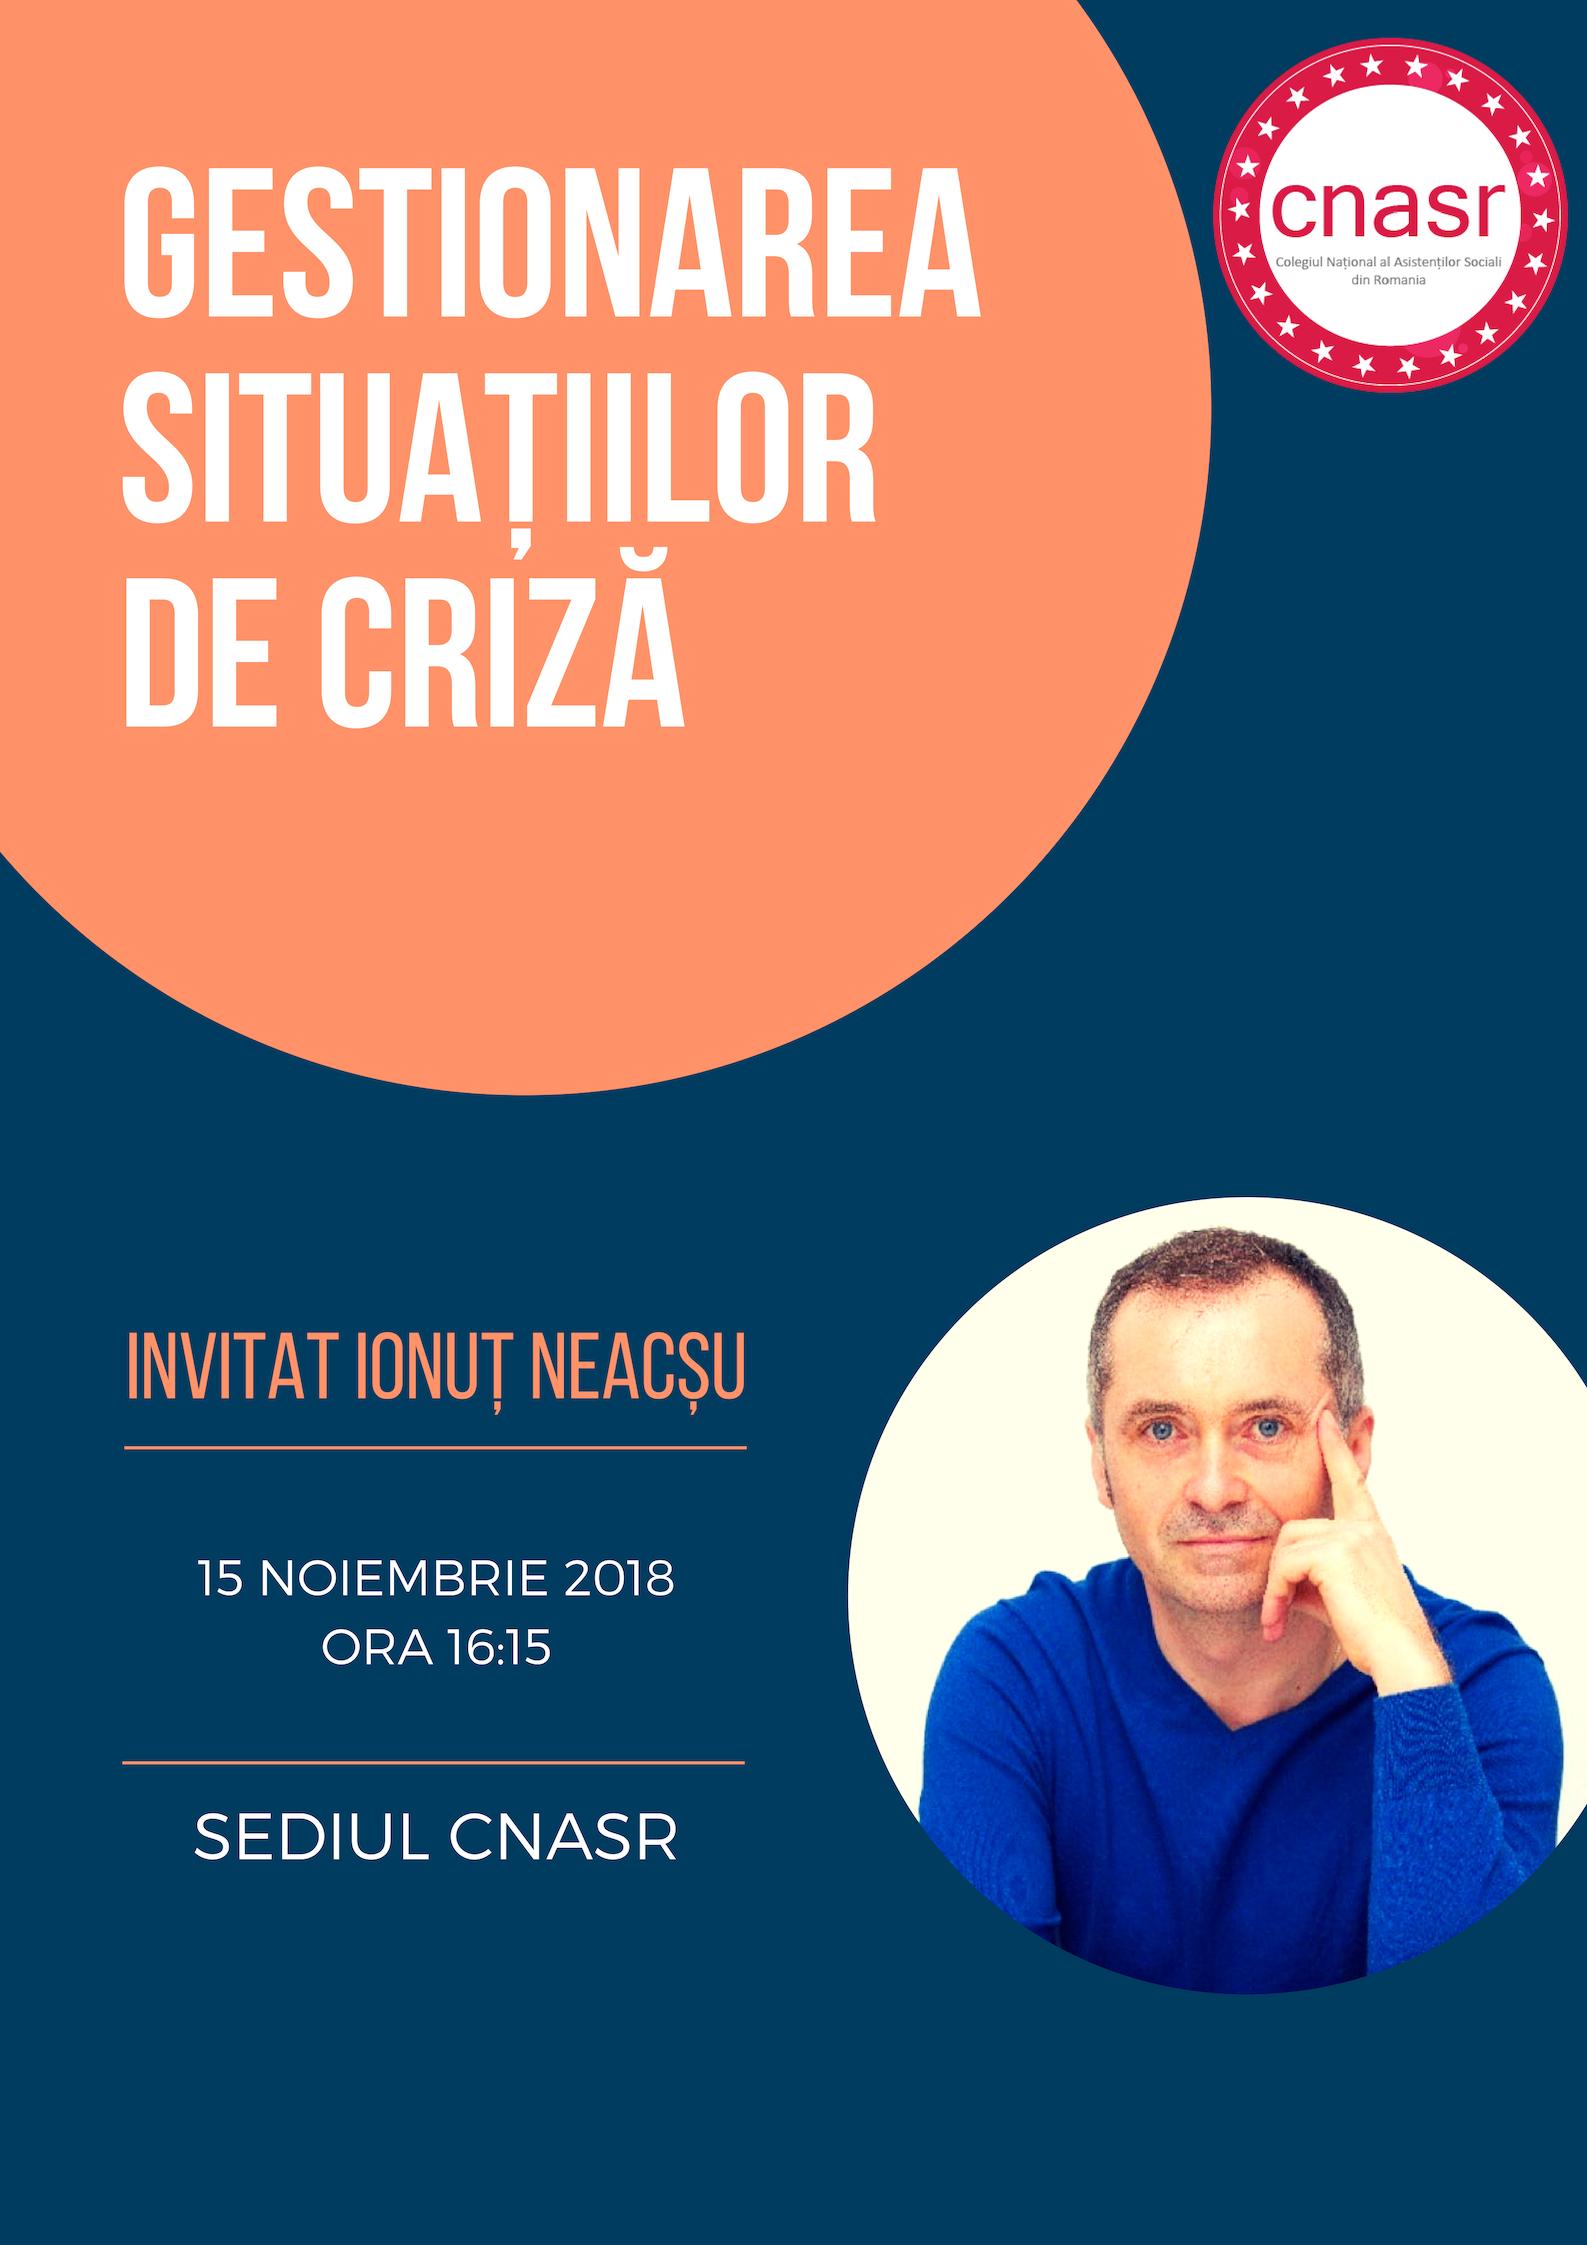 Invitatie 15 noiembrie Gestionarea situatiilor de criza